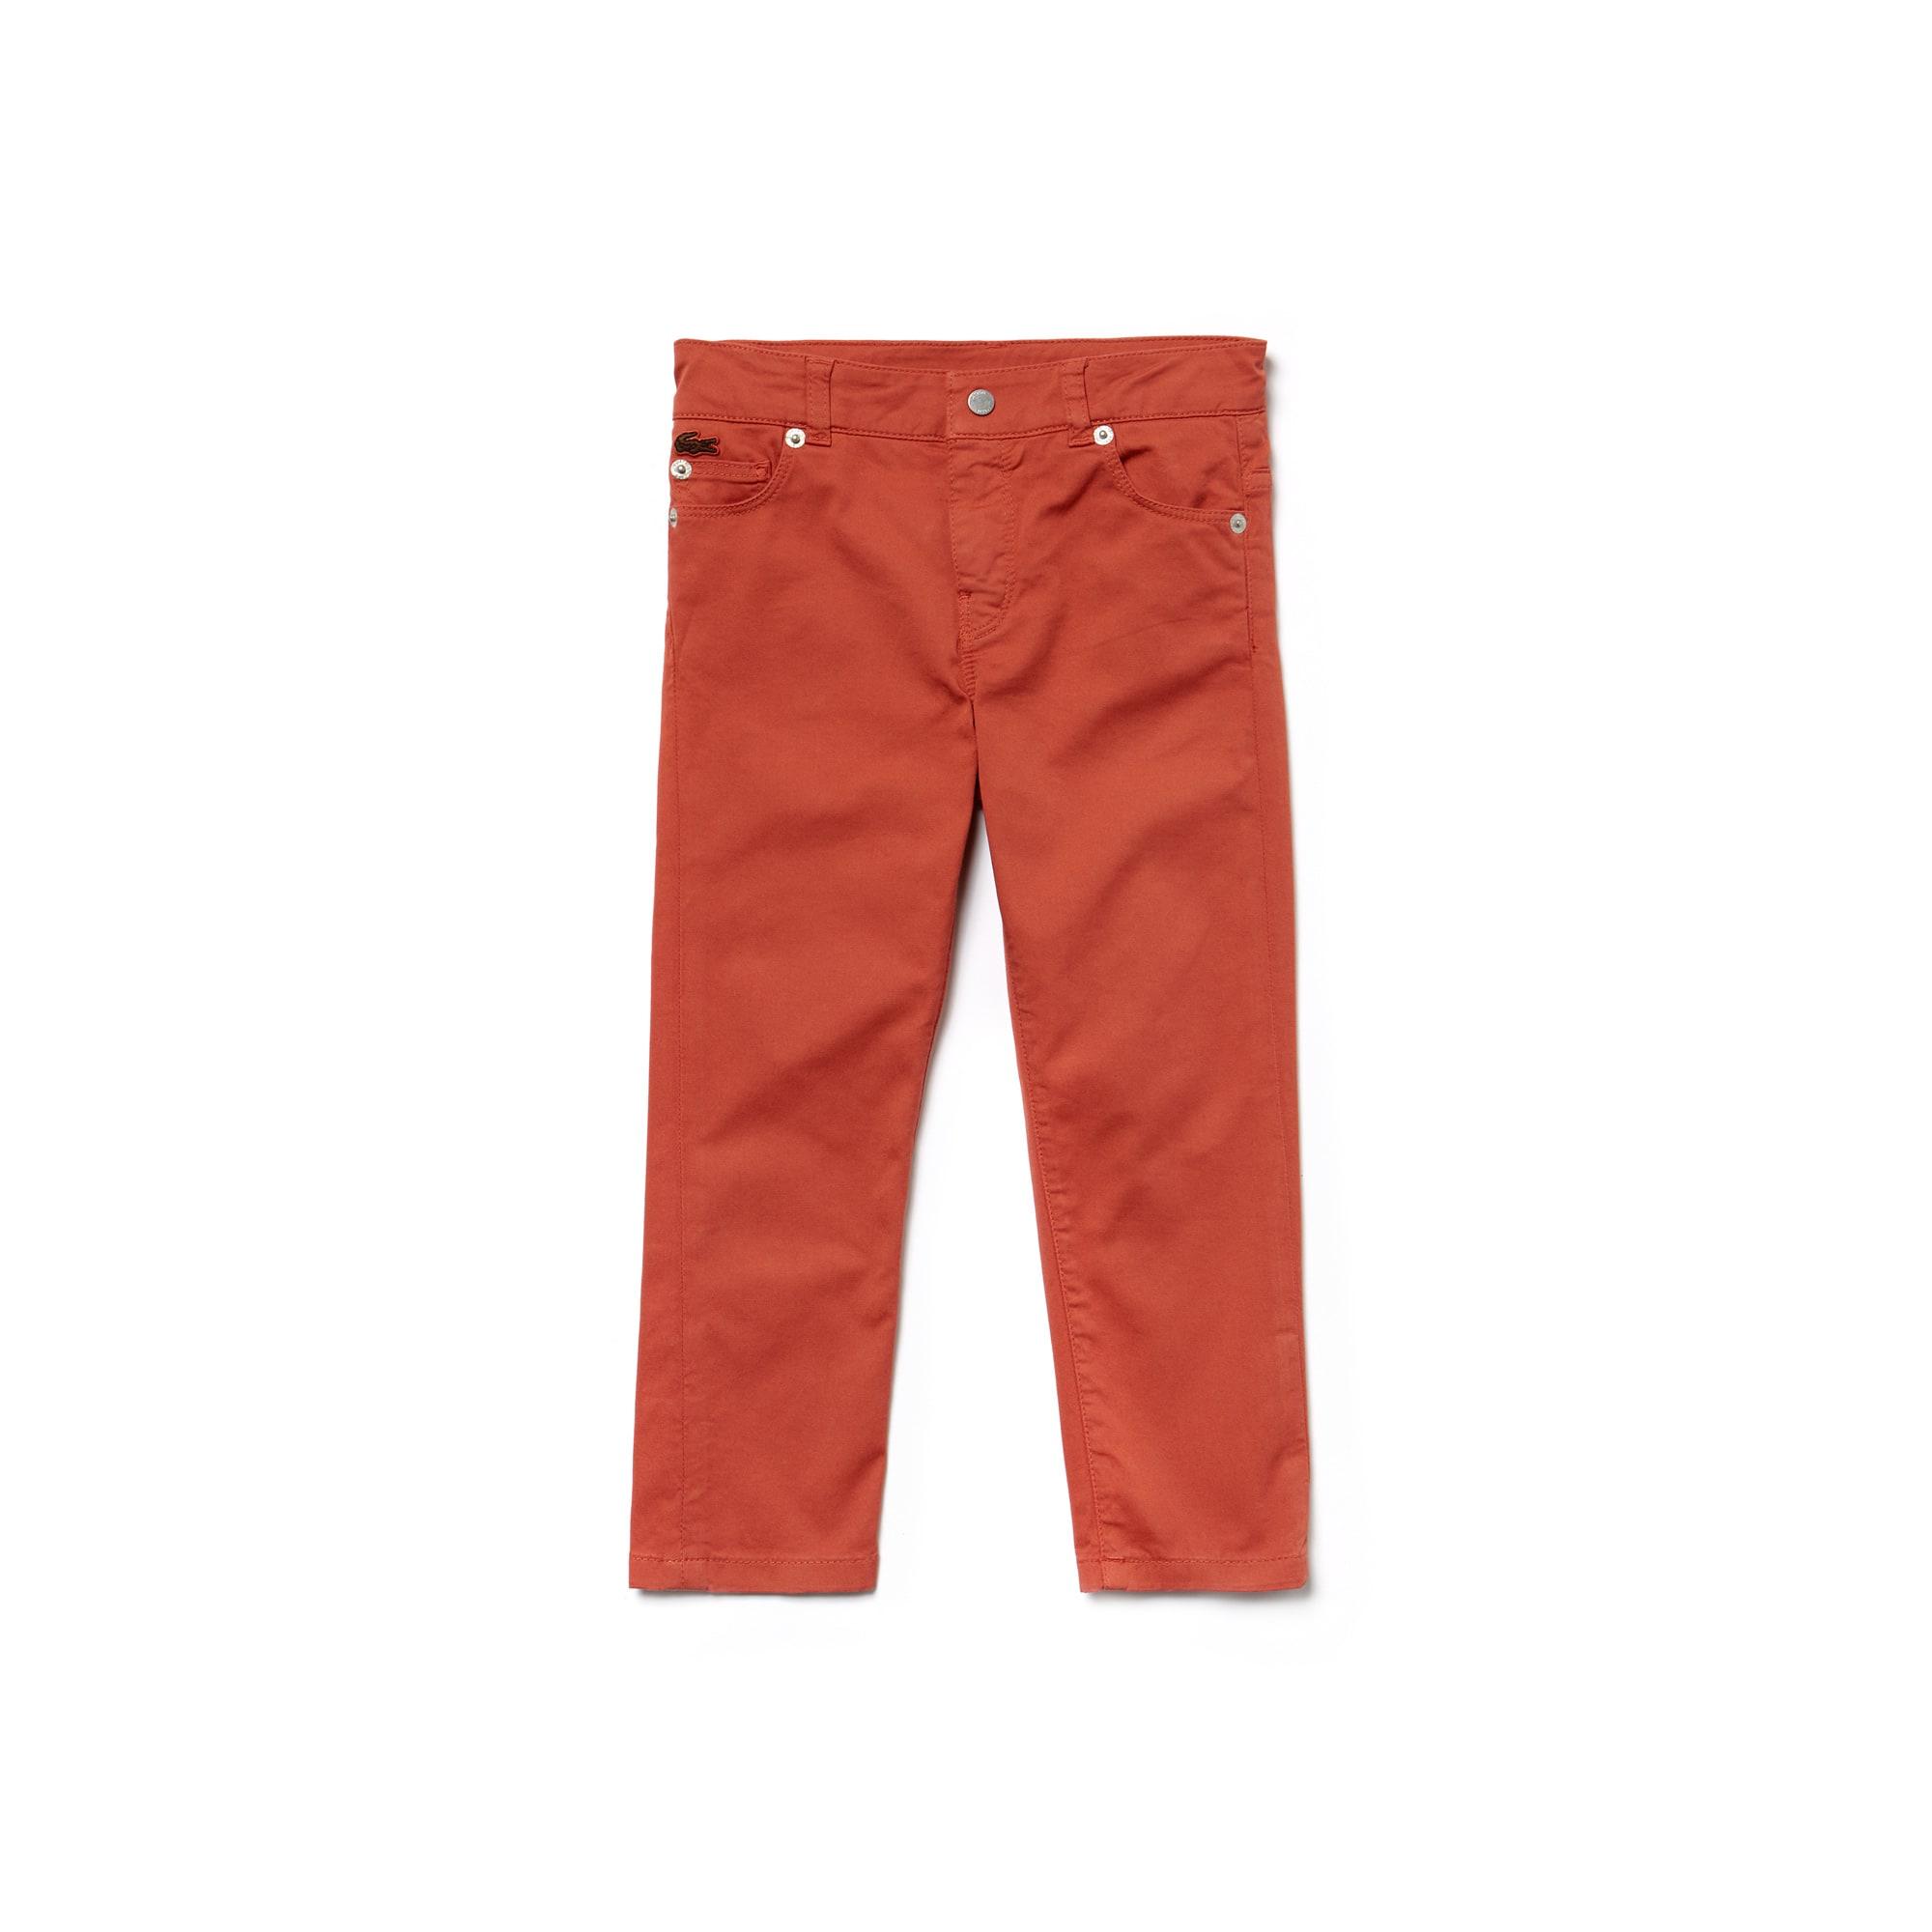 بنطلون للأولاد مع 5 جيوب مطّاطي